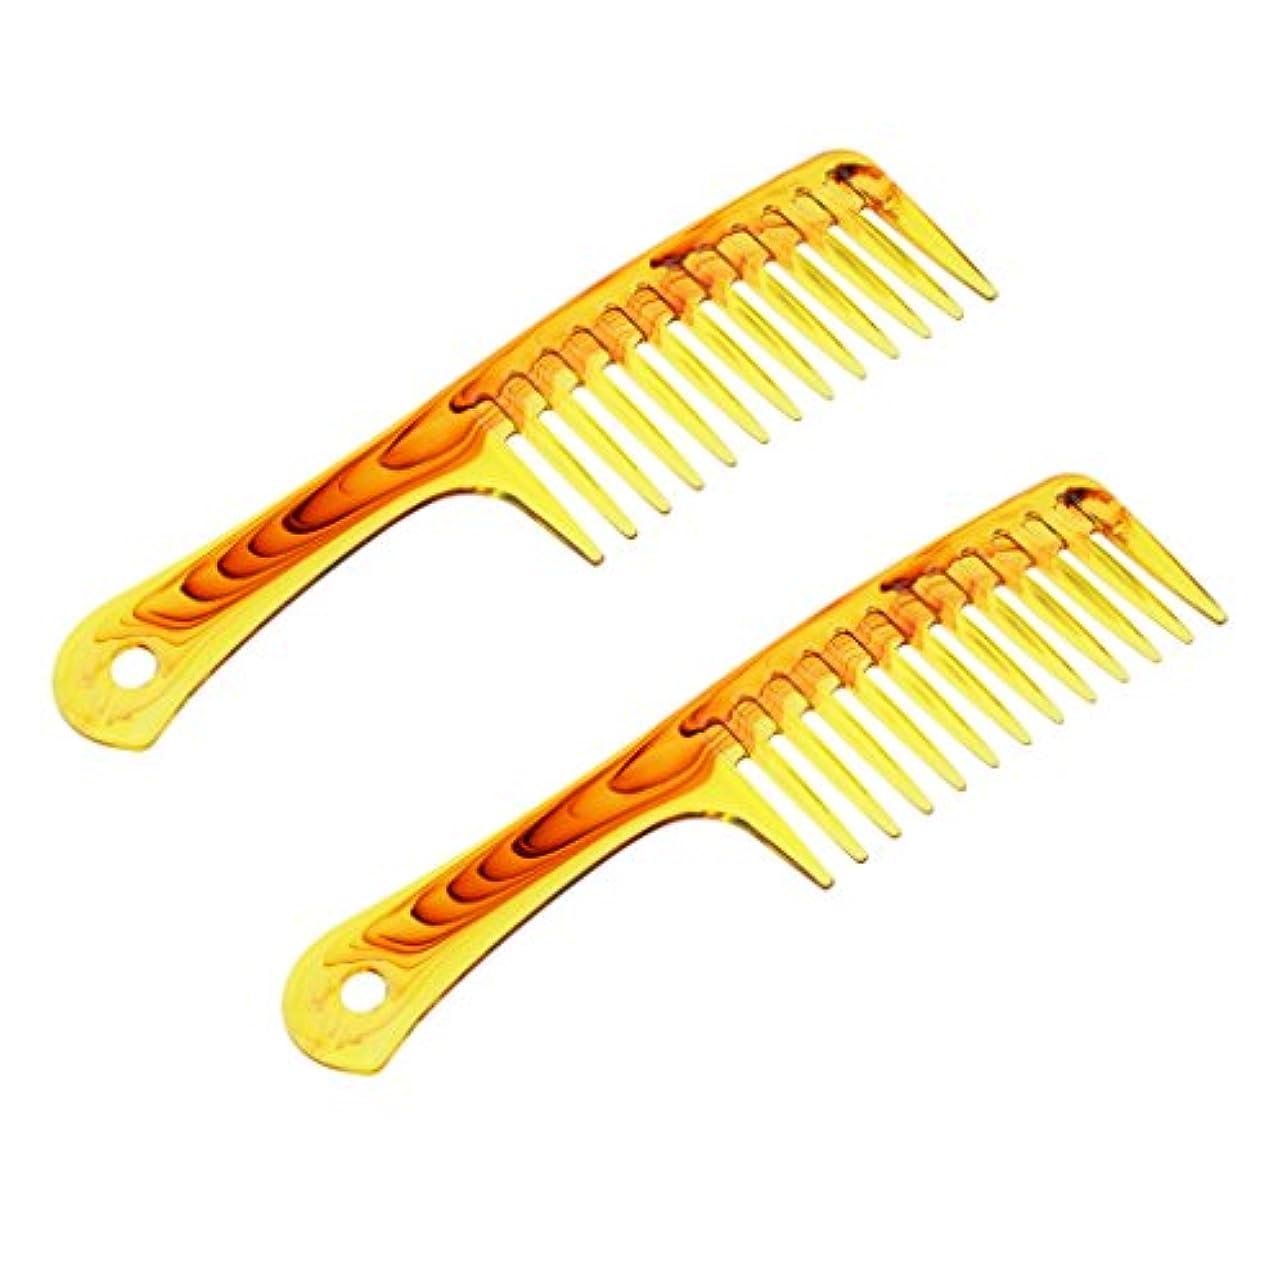 Baosity ヘアコーム プラスチック製 2個入 櫛 くし シャンプー 広い歯